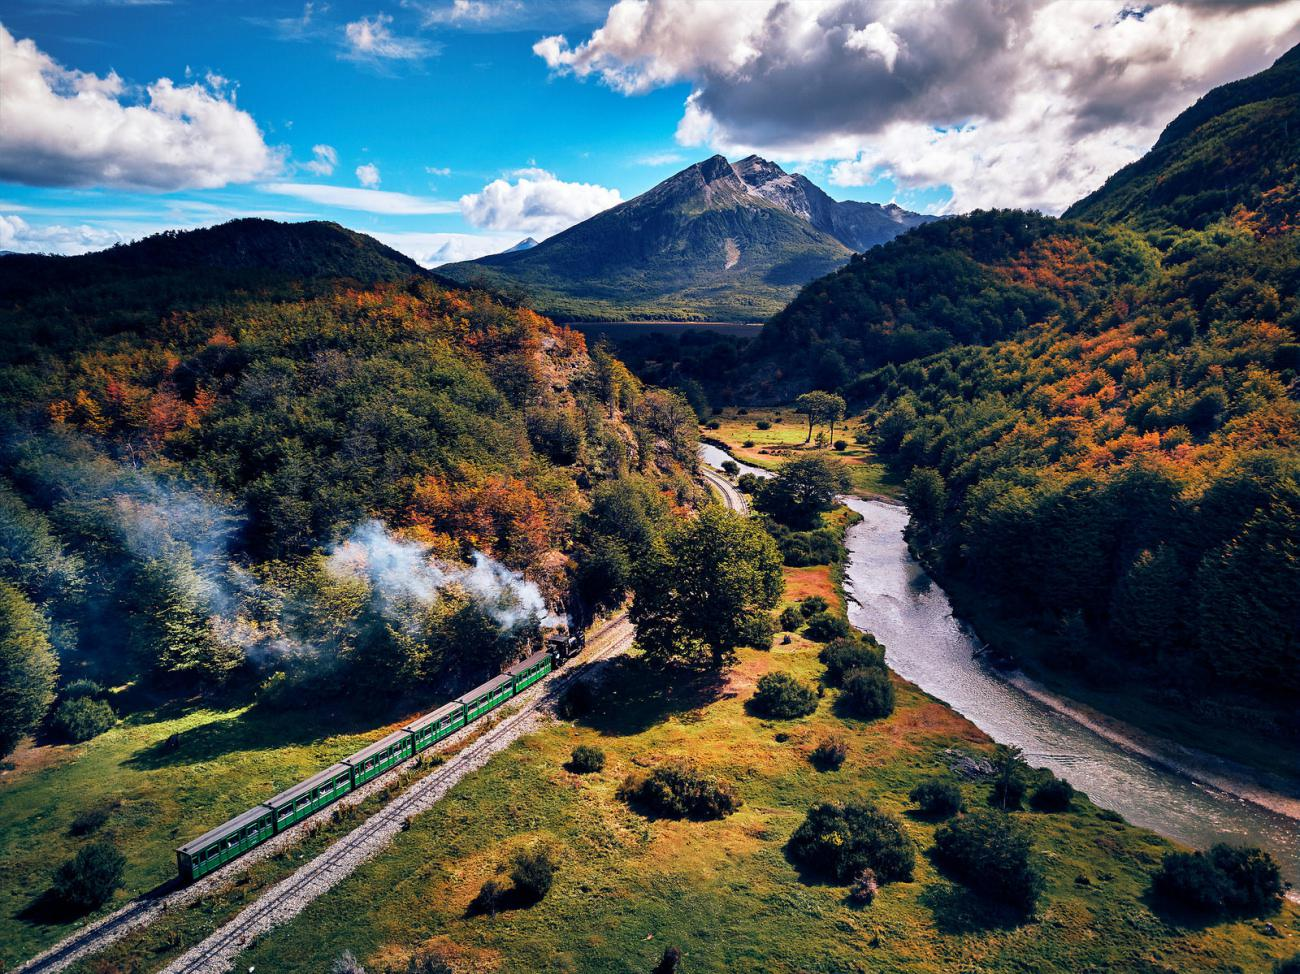 Tren del fin del mundo 2 (Ushuaia-Tierra del Fuego)